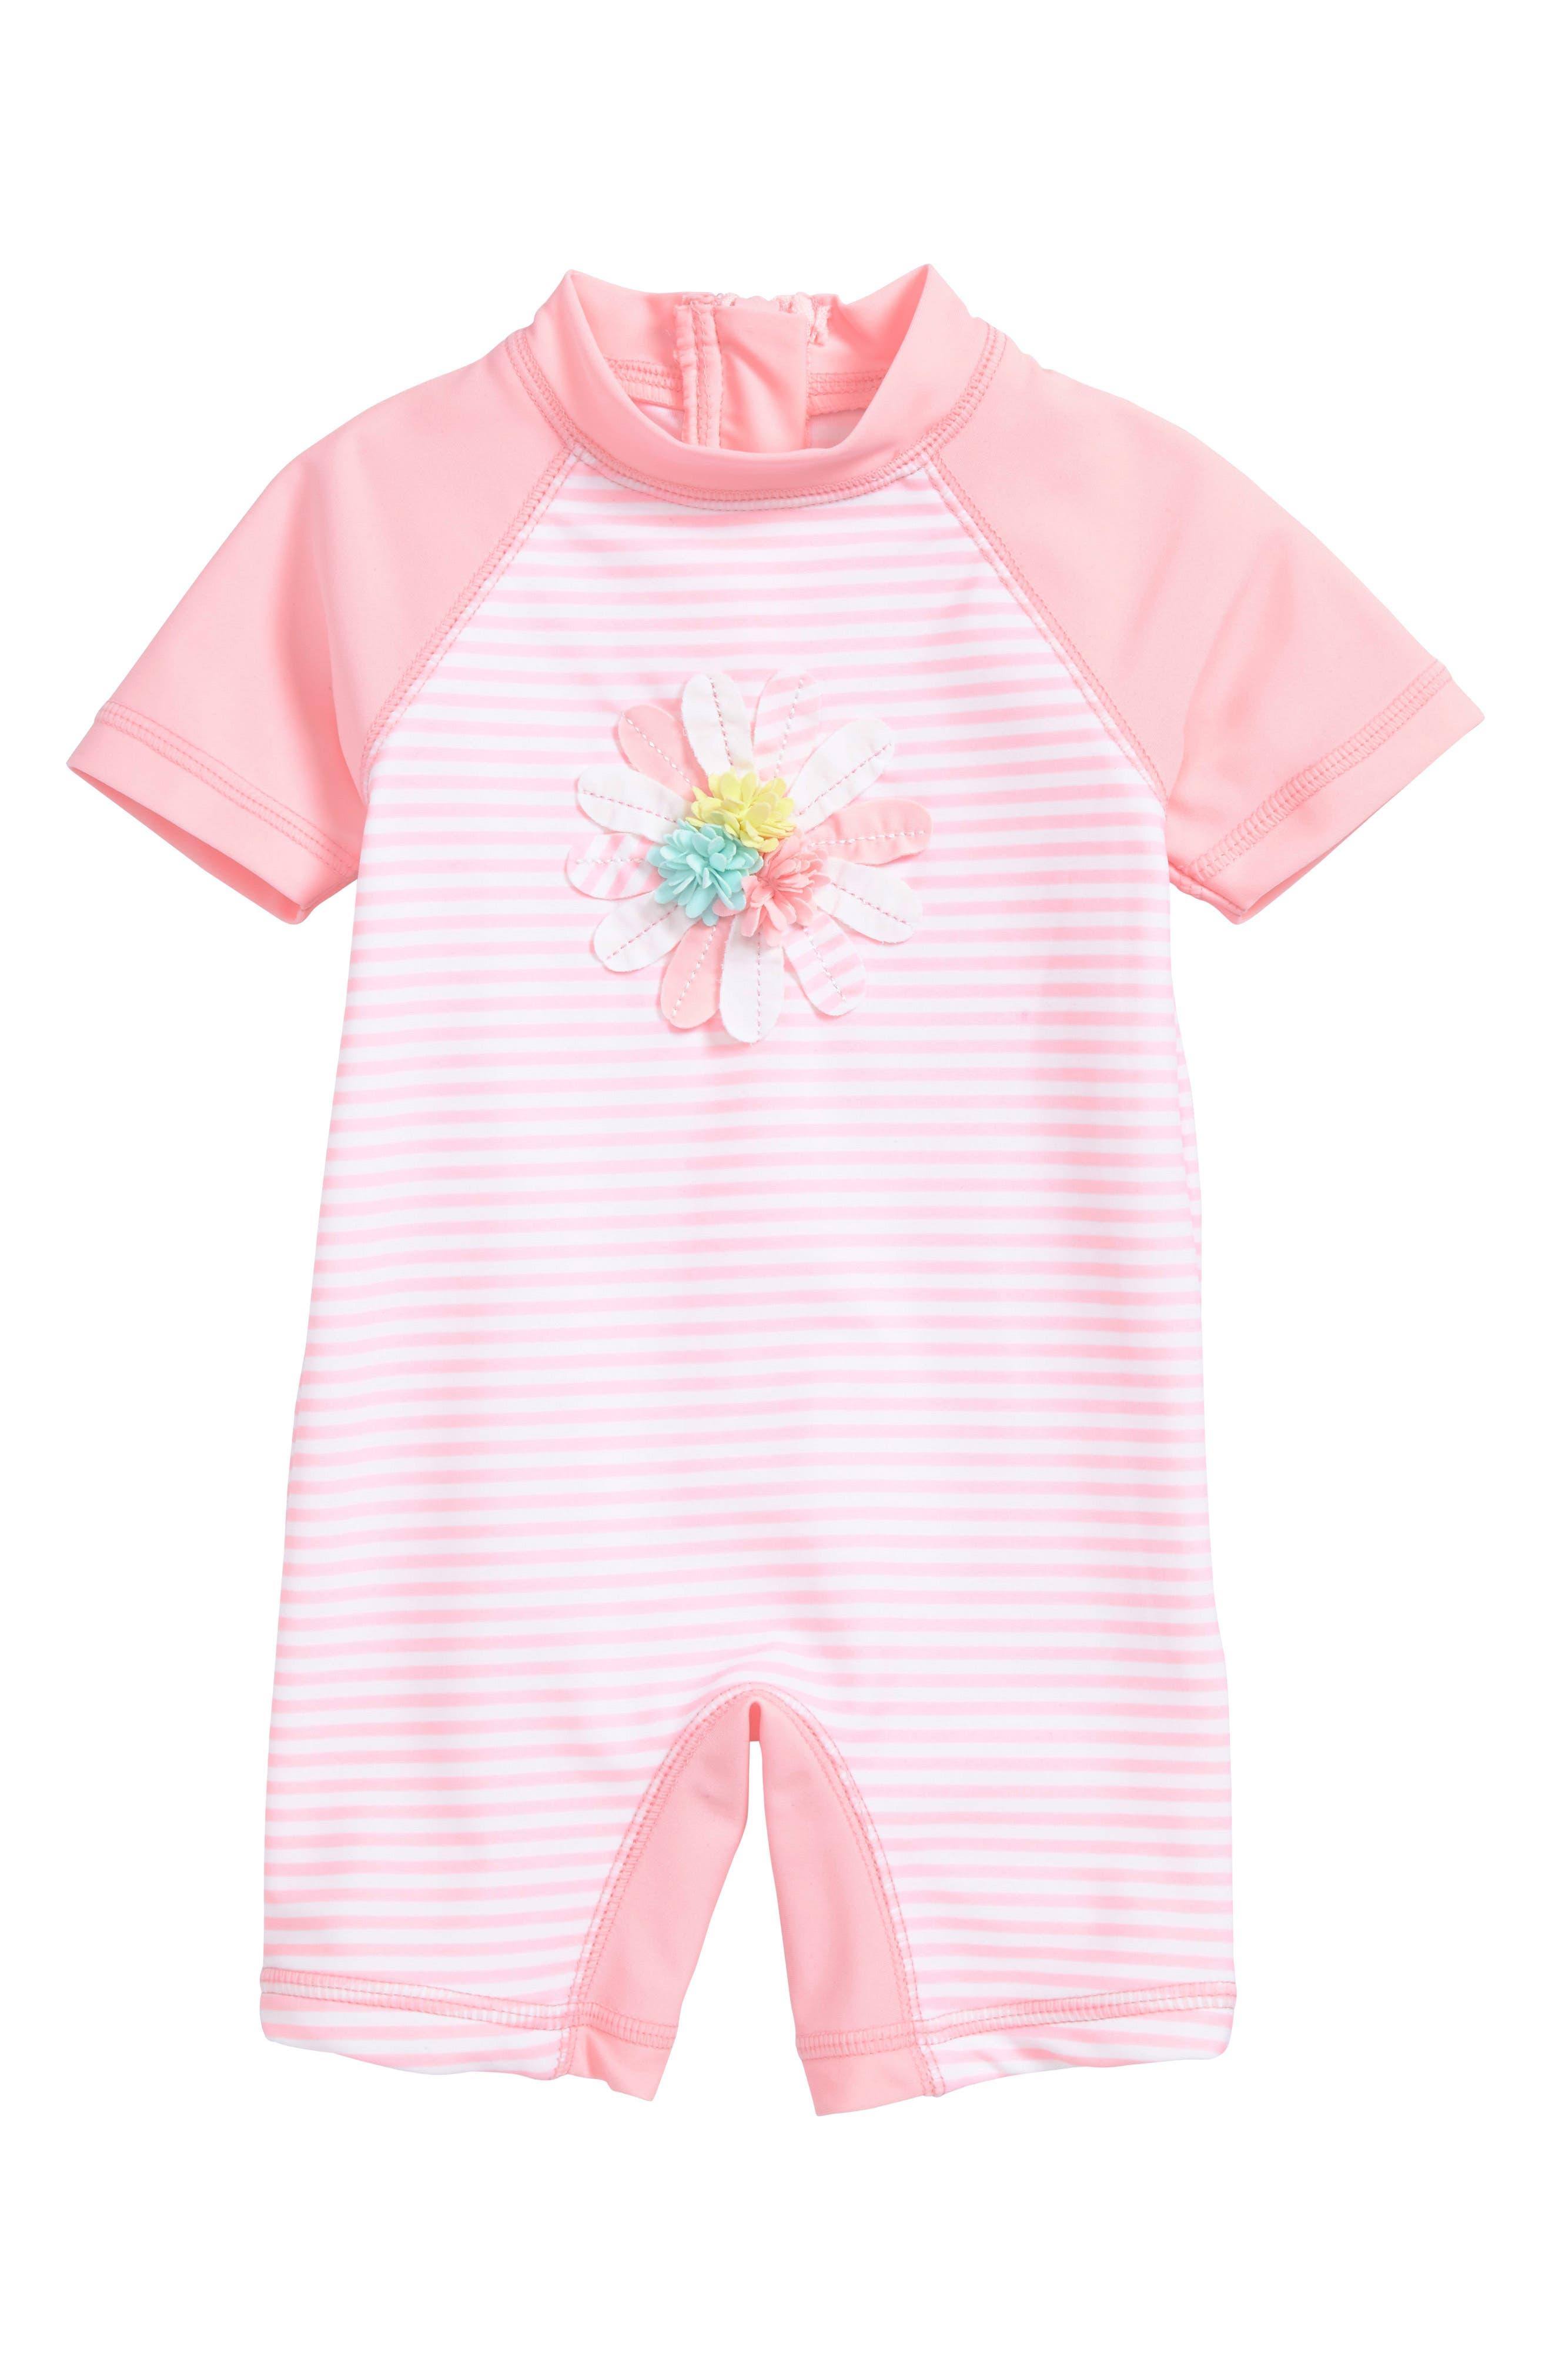 Floral Appliqué One-Piece Rashguard Swimsuit,                             Main thumbnail 1, color,                             Pink Stripe